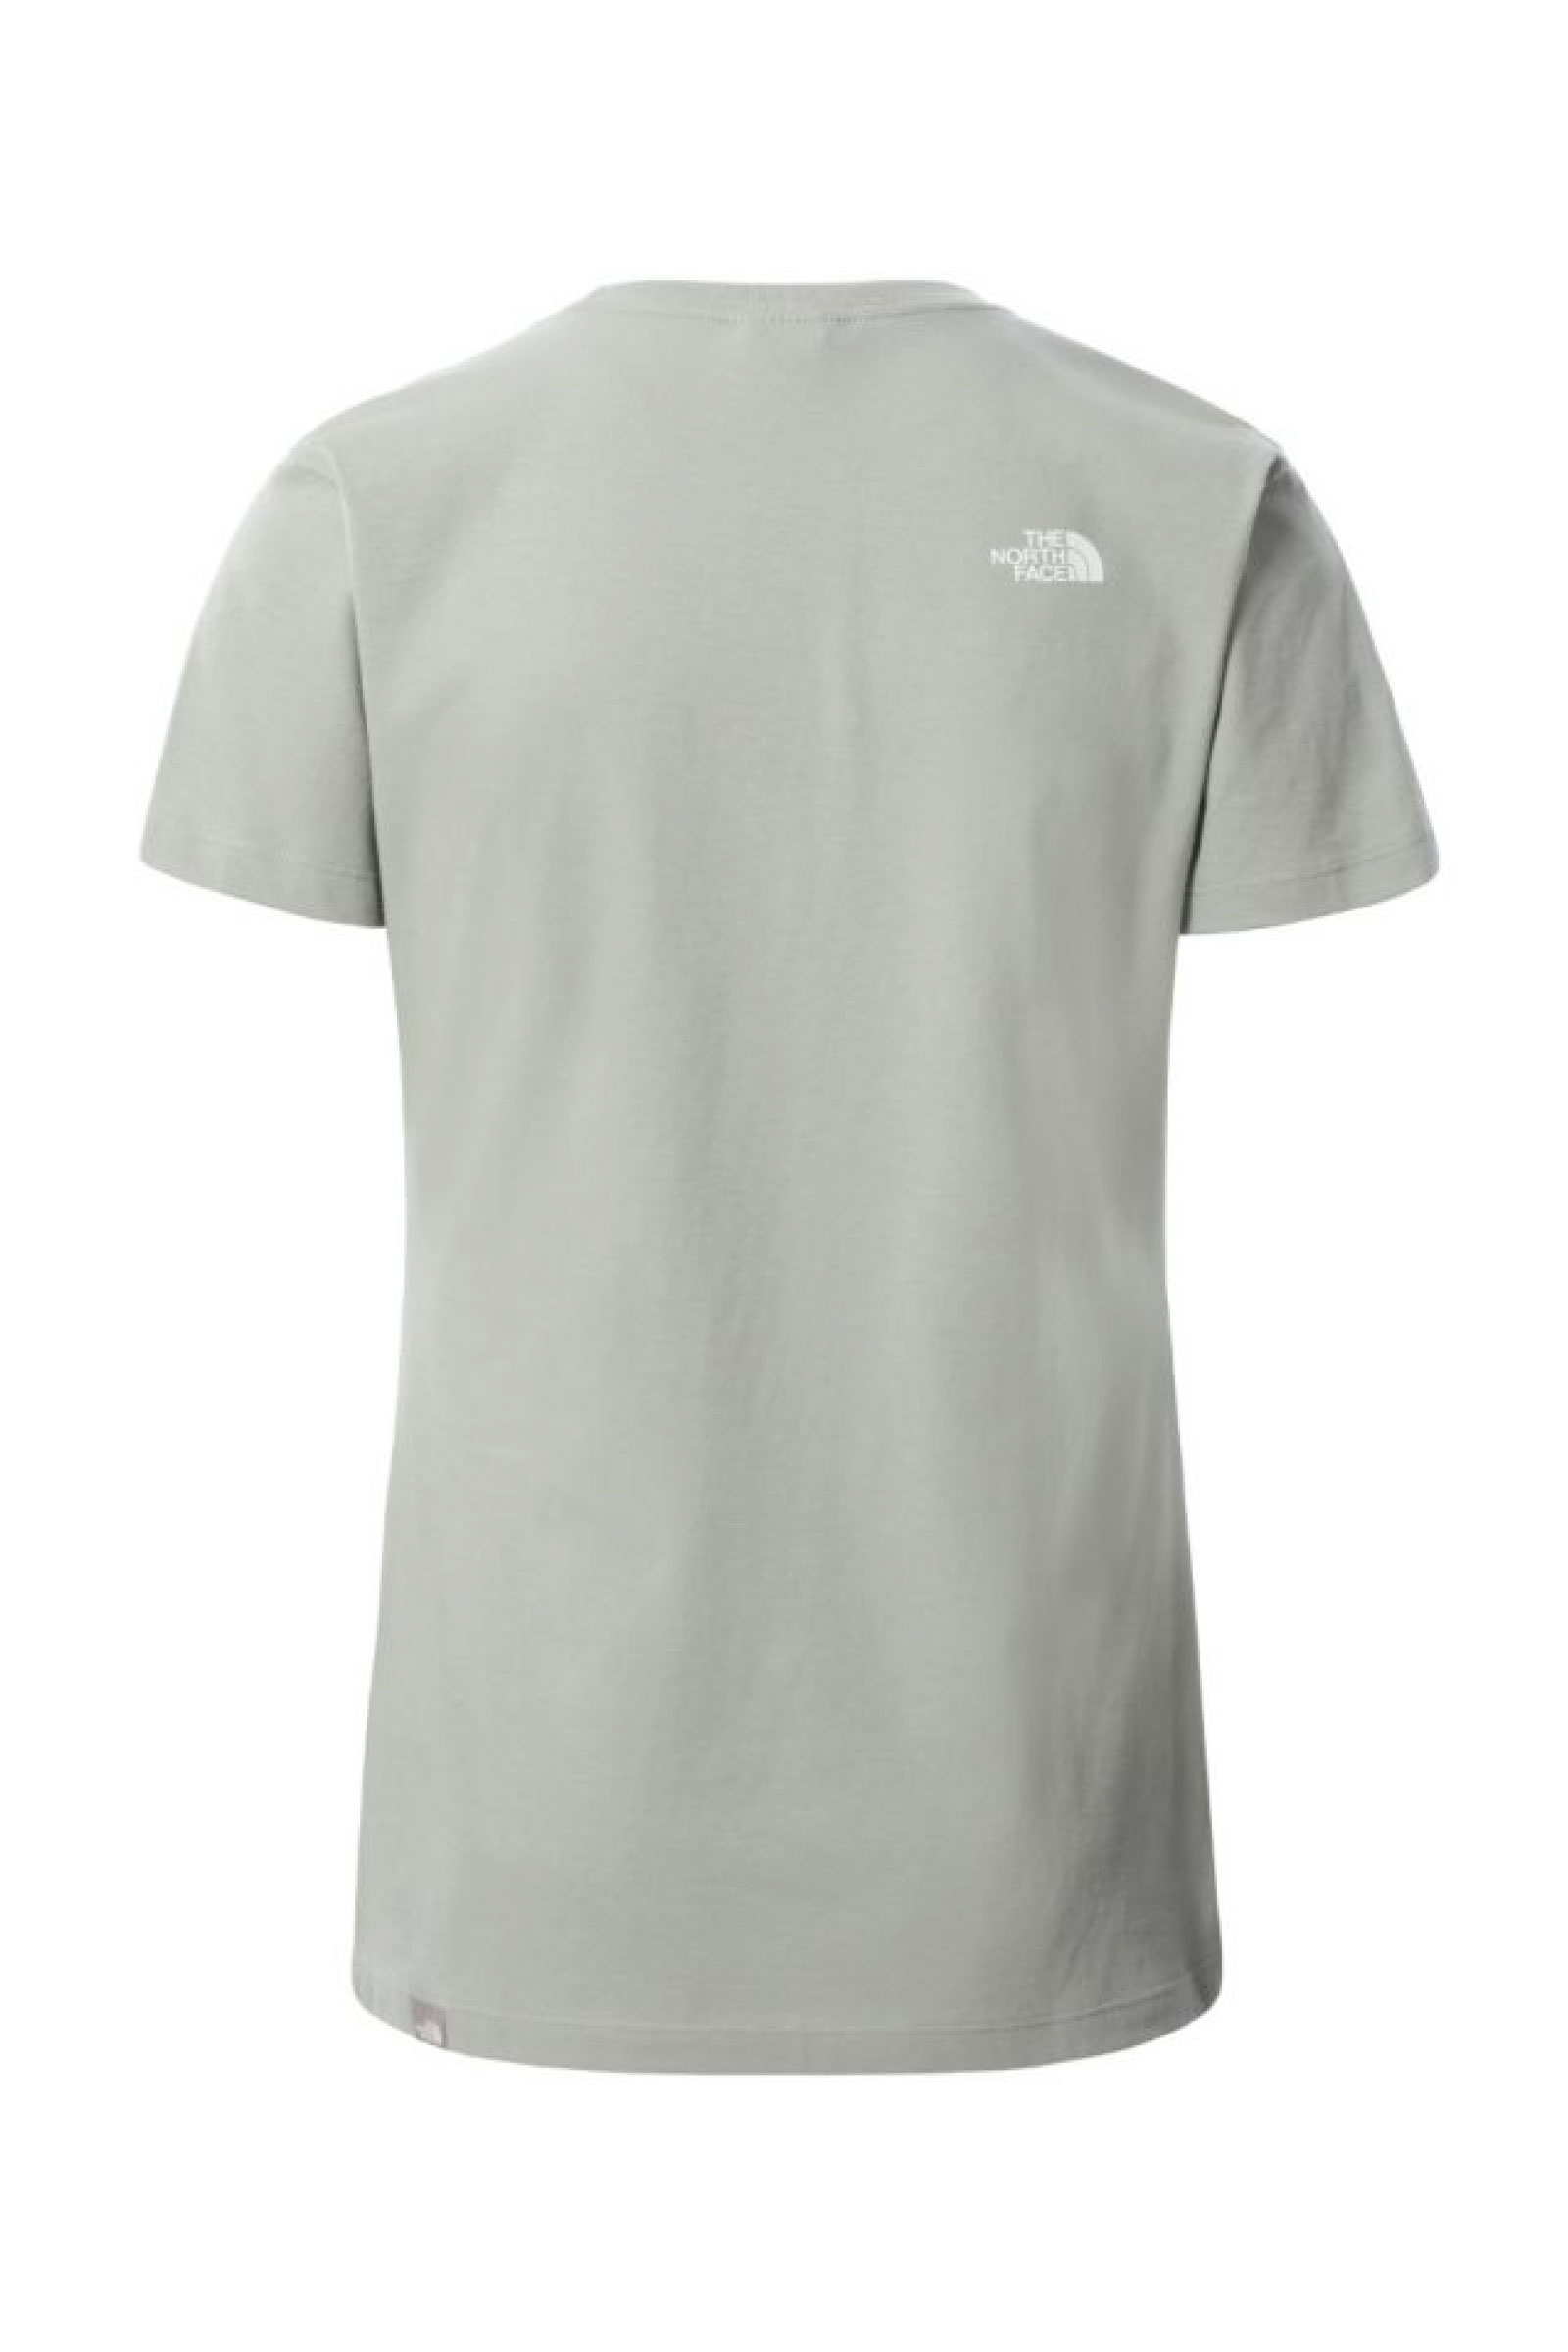 THE NORTH FACE | T-Shirt | NF0A4T1QHDF1